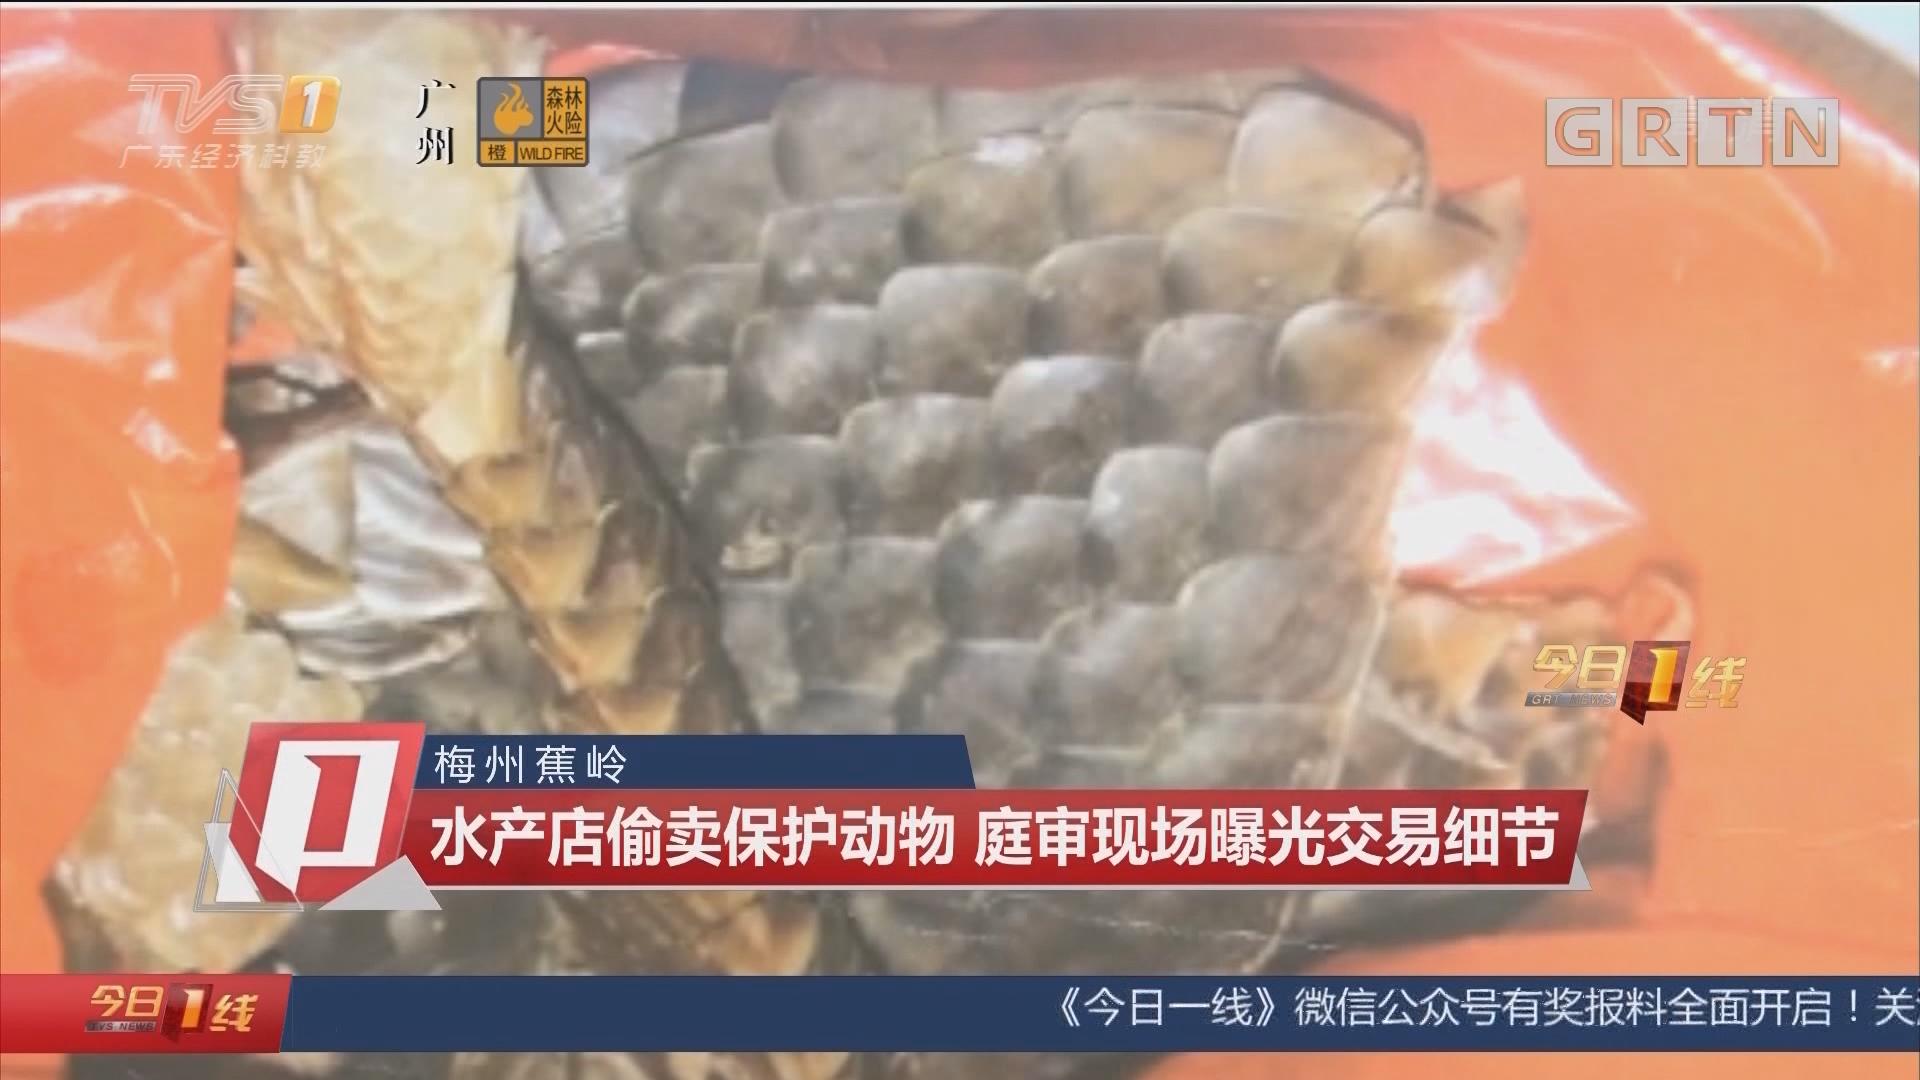 梅州蕉岭:水产店偷卖保护动物 庭审现场曝光交易细节